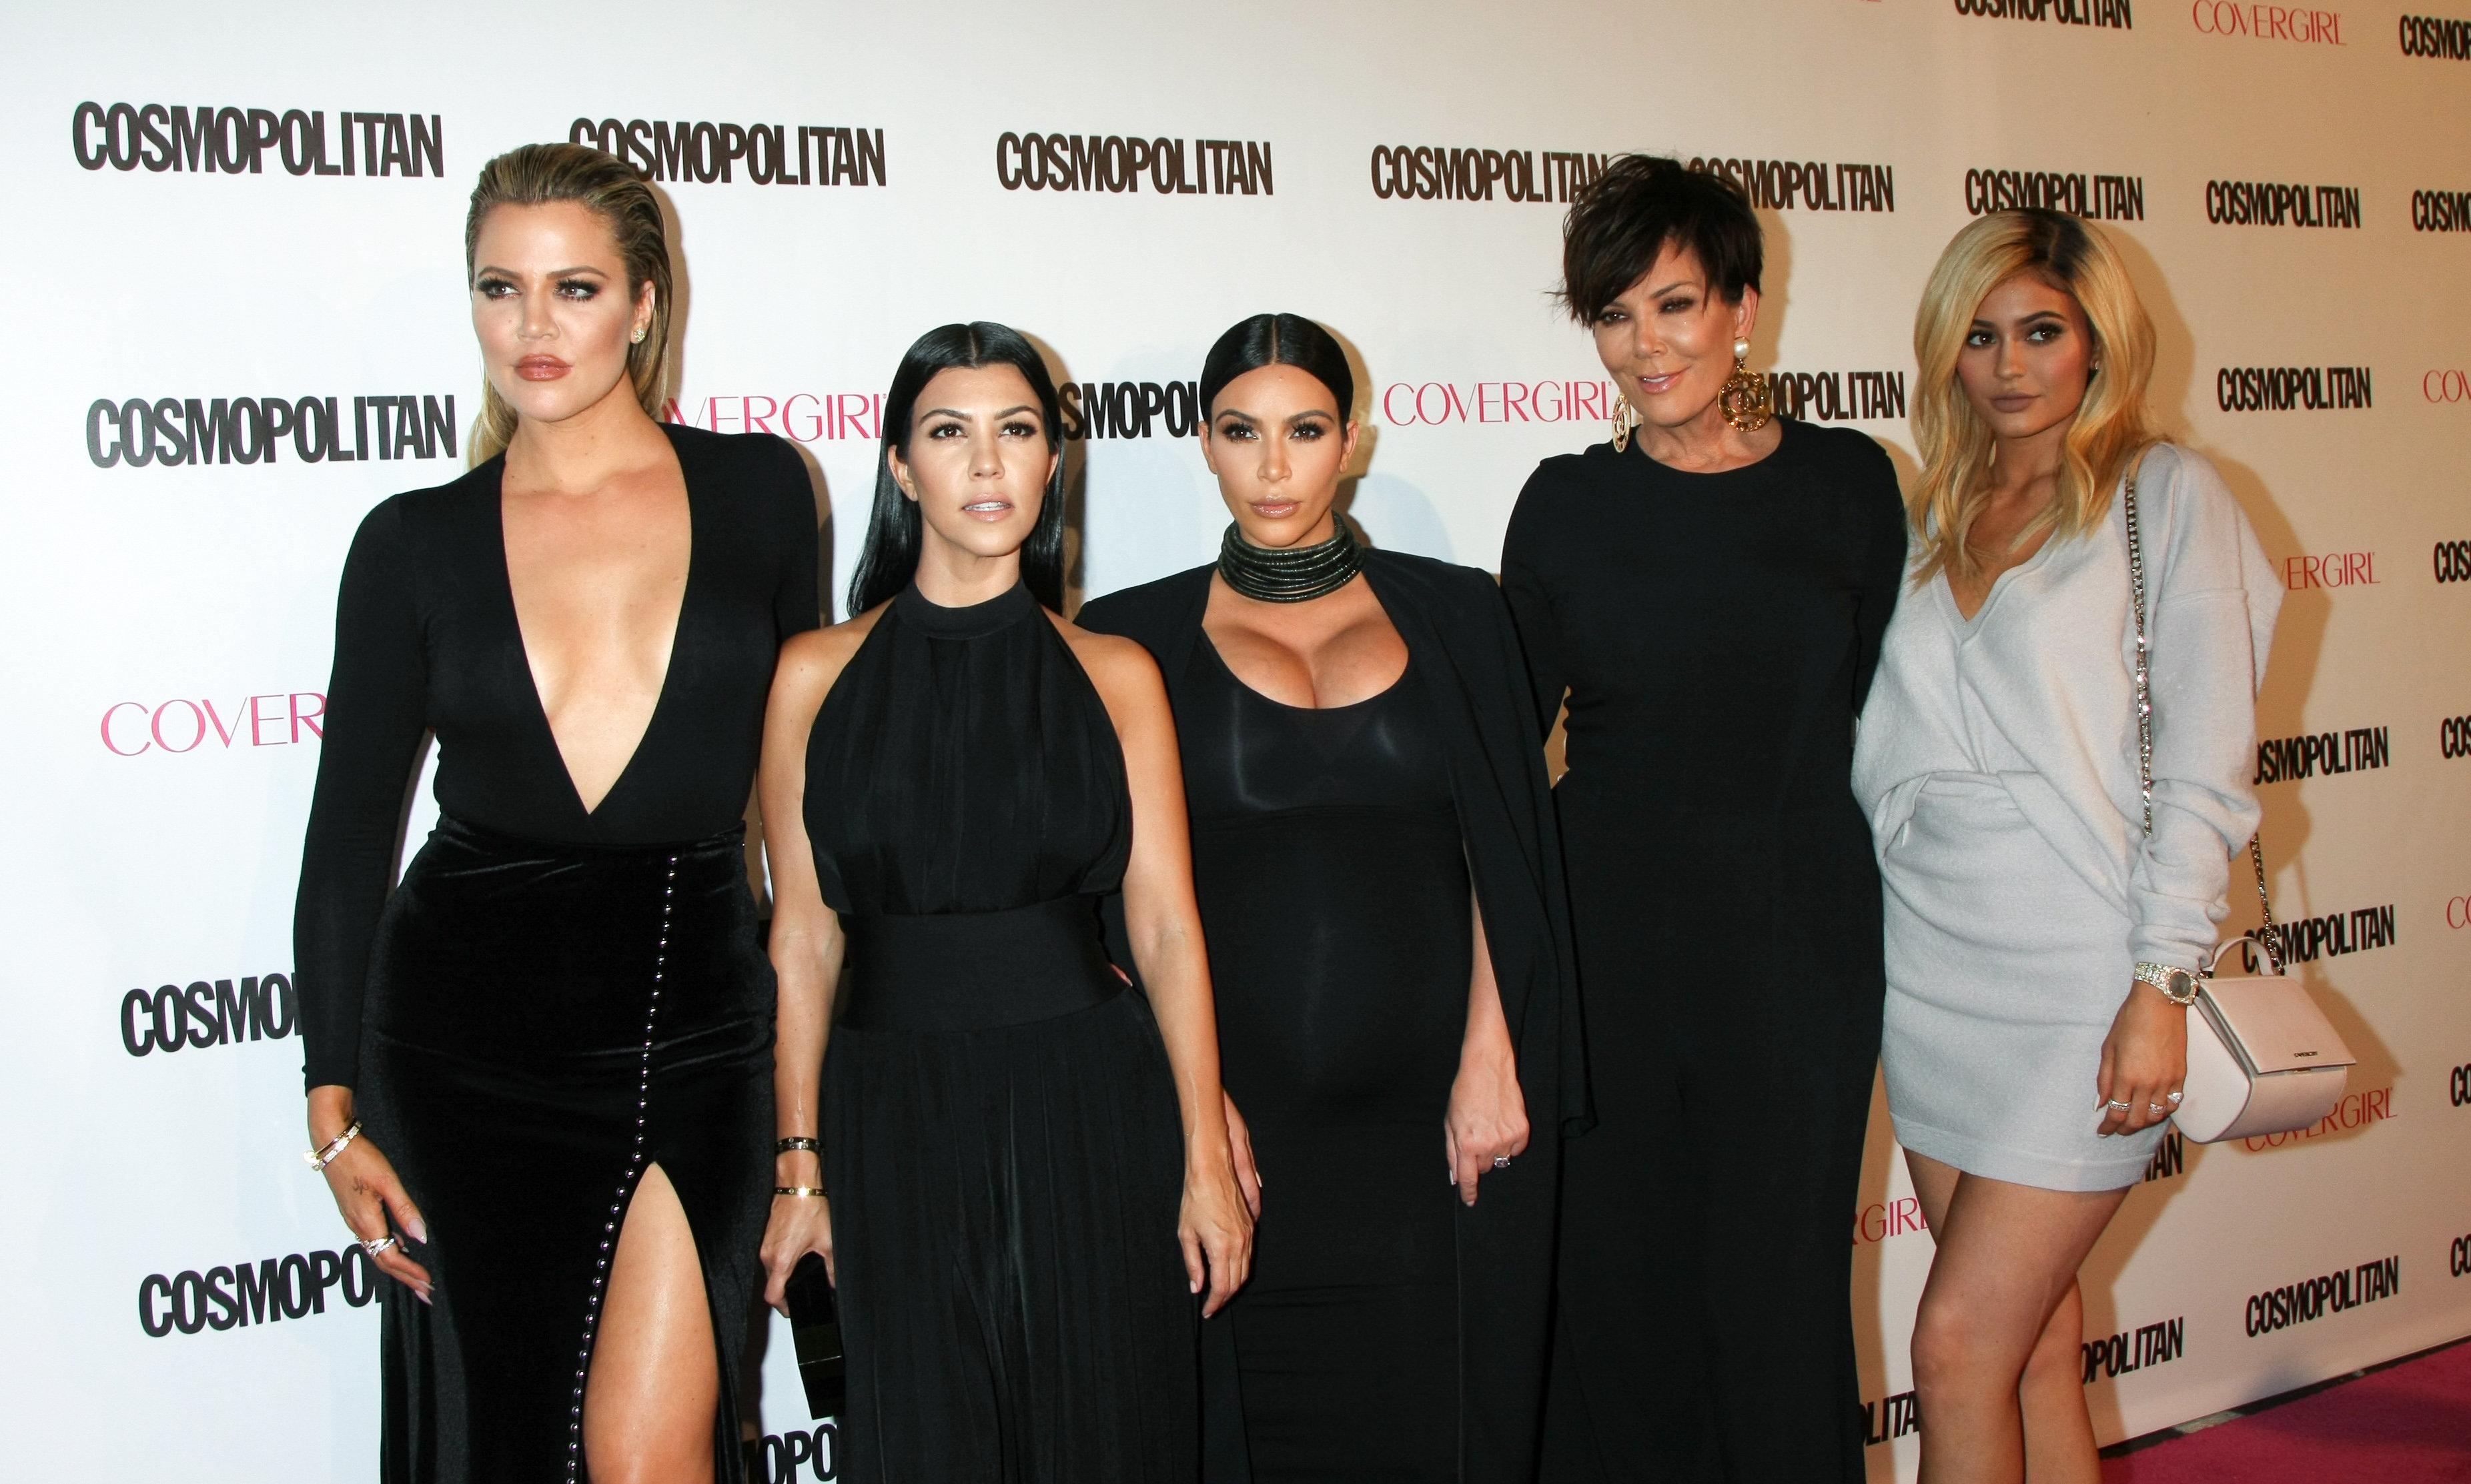 """Malas noticias para el clan Kardashian-Jenner: una compañía ha presentado una demanda en contra de la famosa familia, según reporta TMZ. La Agency for the Performing Arts (APA), que ofrece servicios y maneja contratos paracompañíascomo los hoteles Marriot y la marca de autos Lamborghini, afirma que en el 2009 llegó aun acuerdo verbal con Kim,...  <a rel=""""nofollow"""" href=""""https://varietylatino.com/2016/gente/noticias/demandan-clan-khloe-kourtney-kim-kardashian-kendall-kylie-jenner-agency-for-the-performing-arts-252144/"""" title=""""Read Demandan al clan Kardashian-Jenner"""">Read more »</a>"""